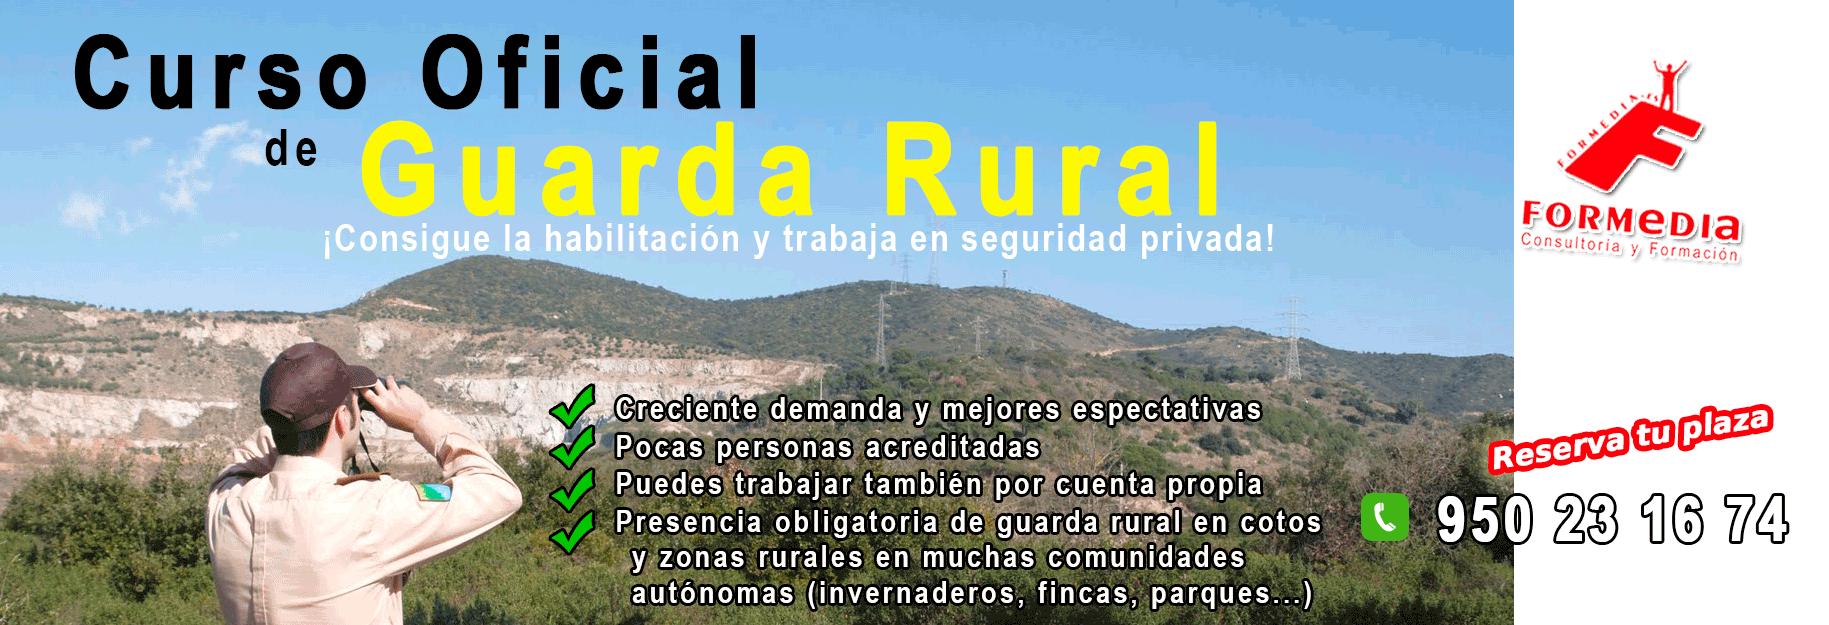 guardarural2016_1